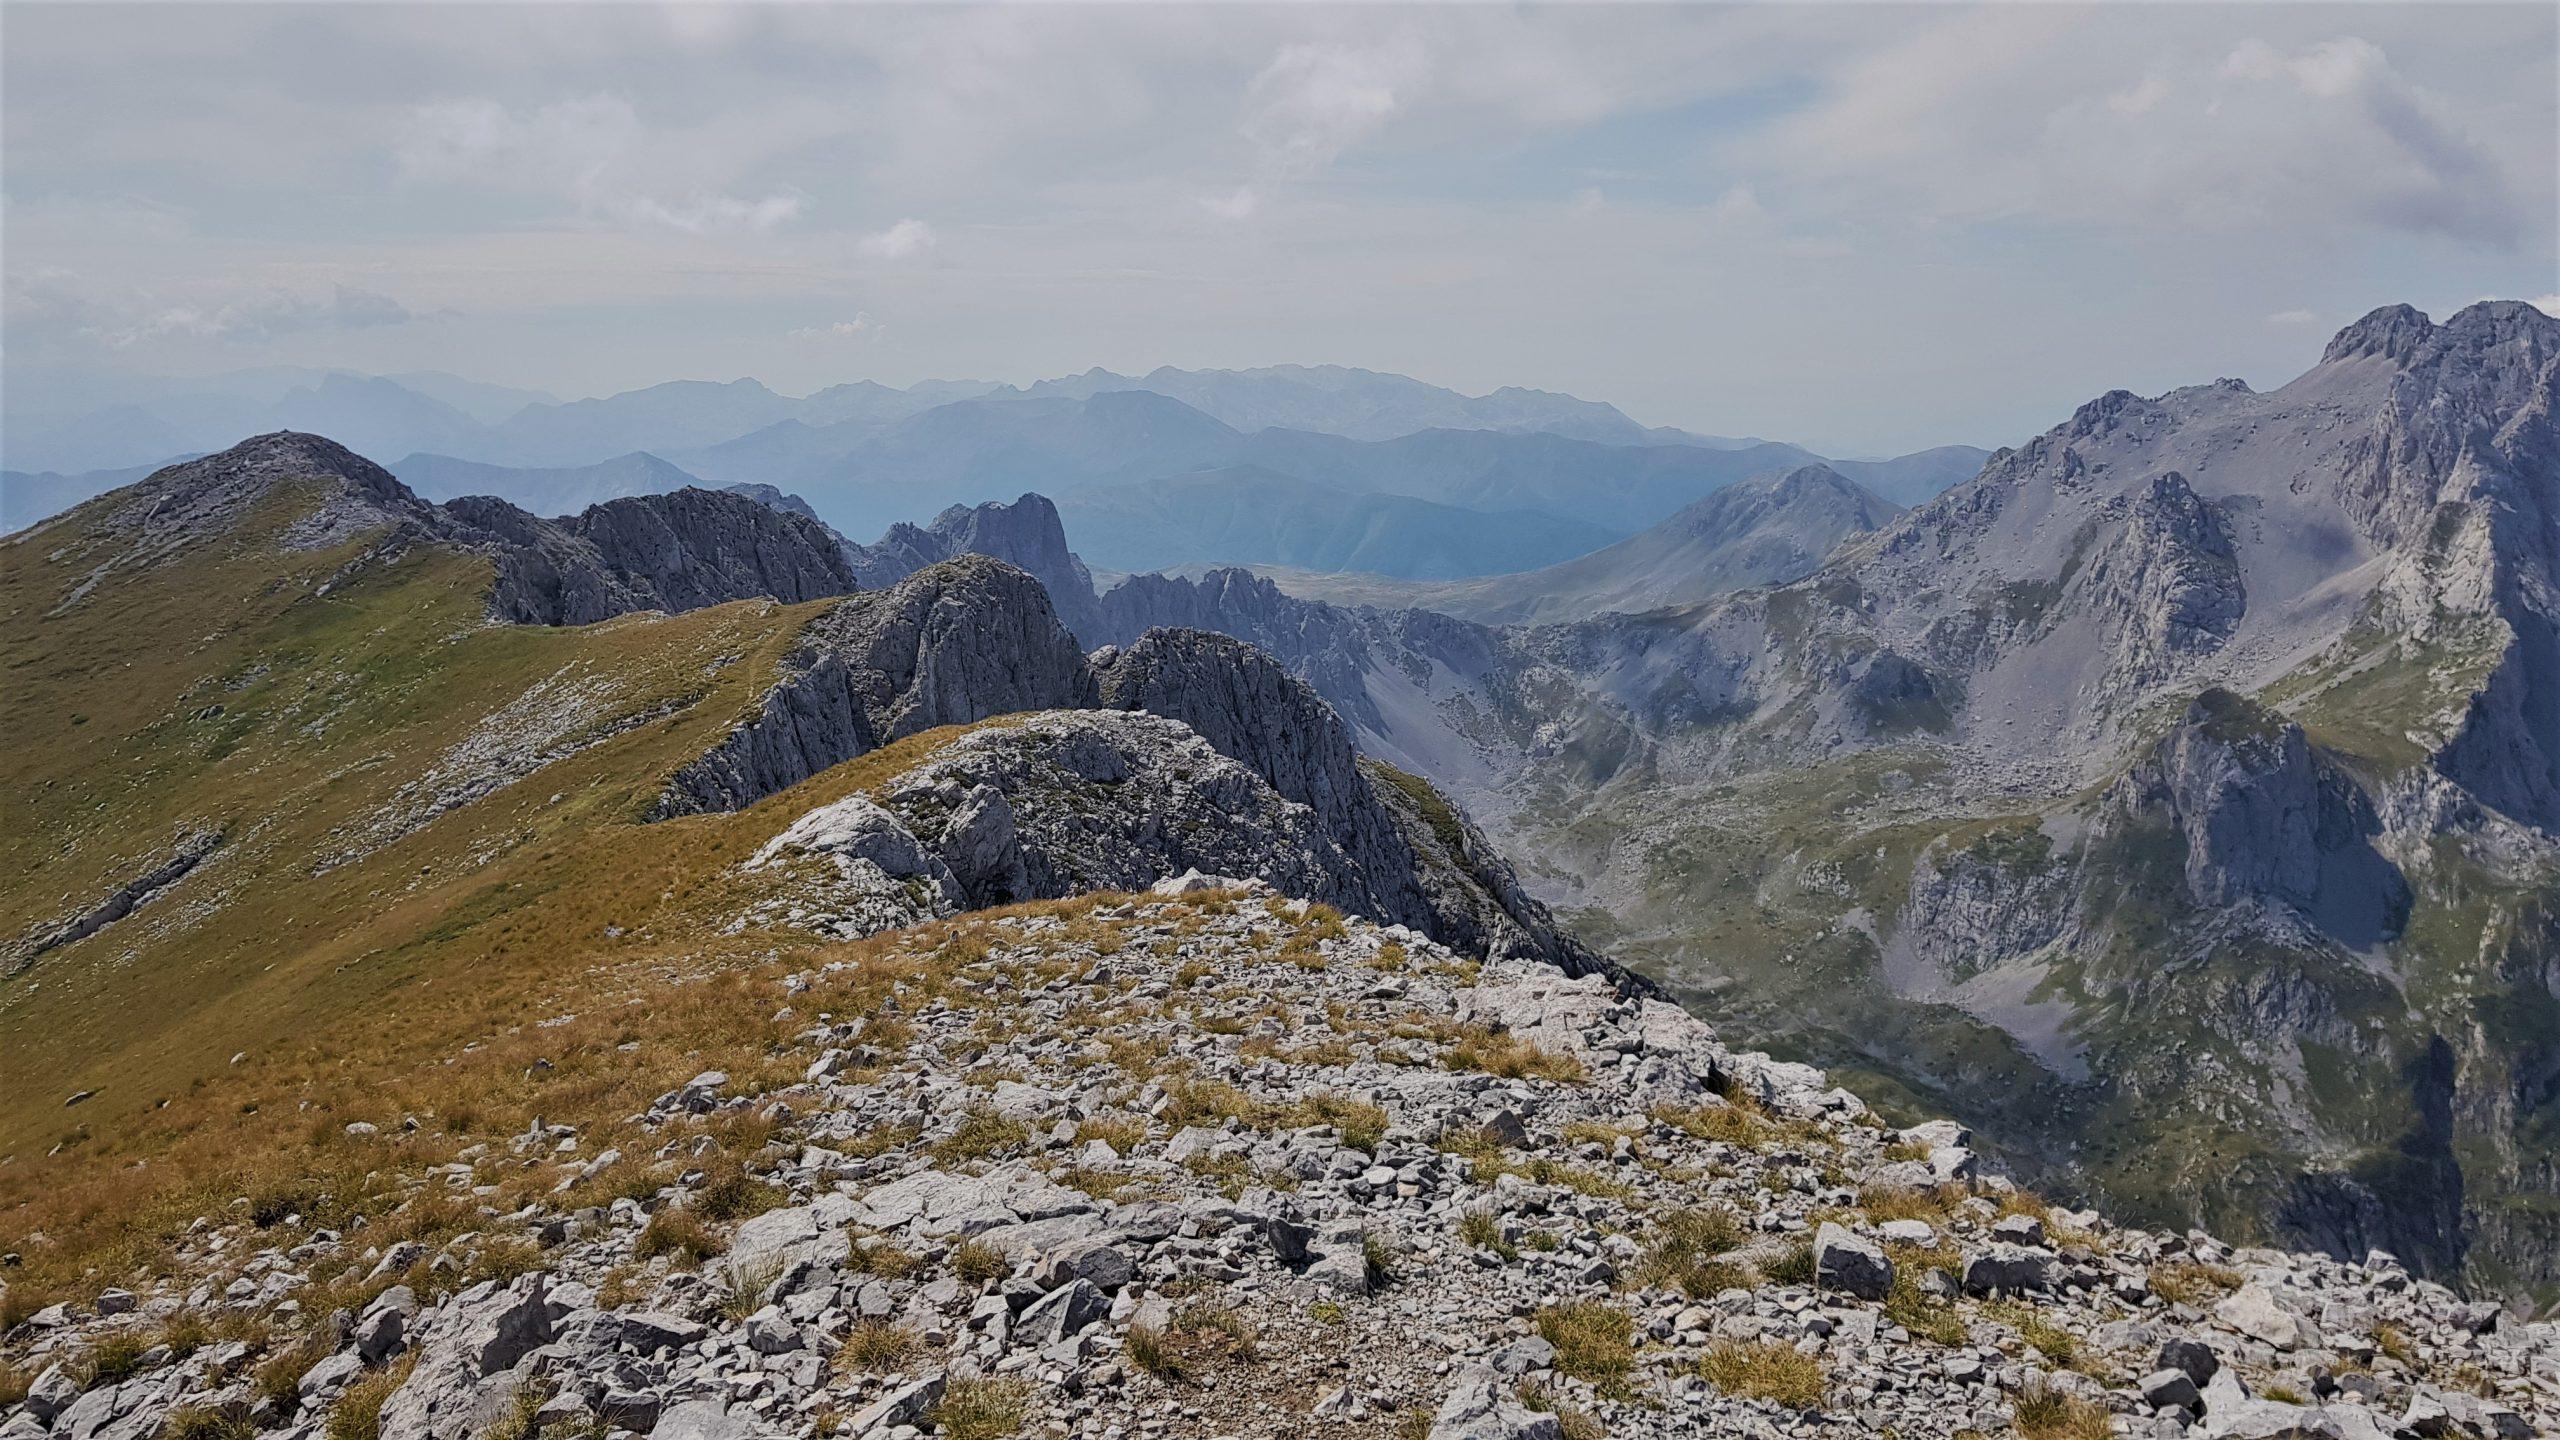 Pohoří Komovi v Černé Hoře